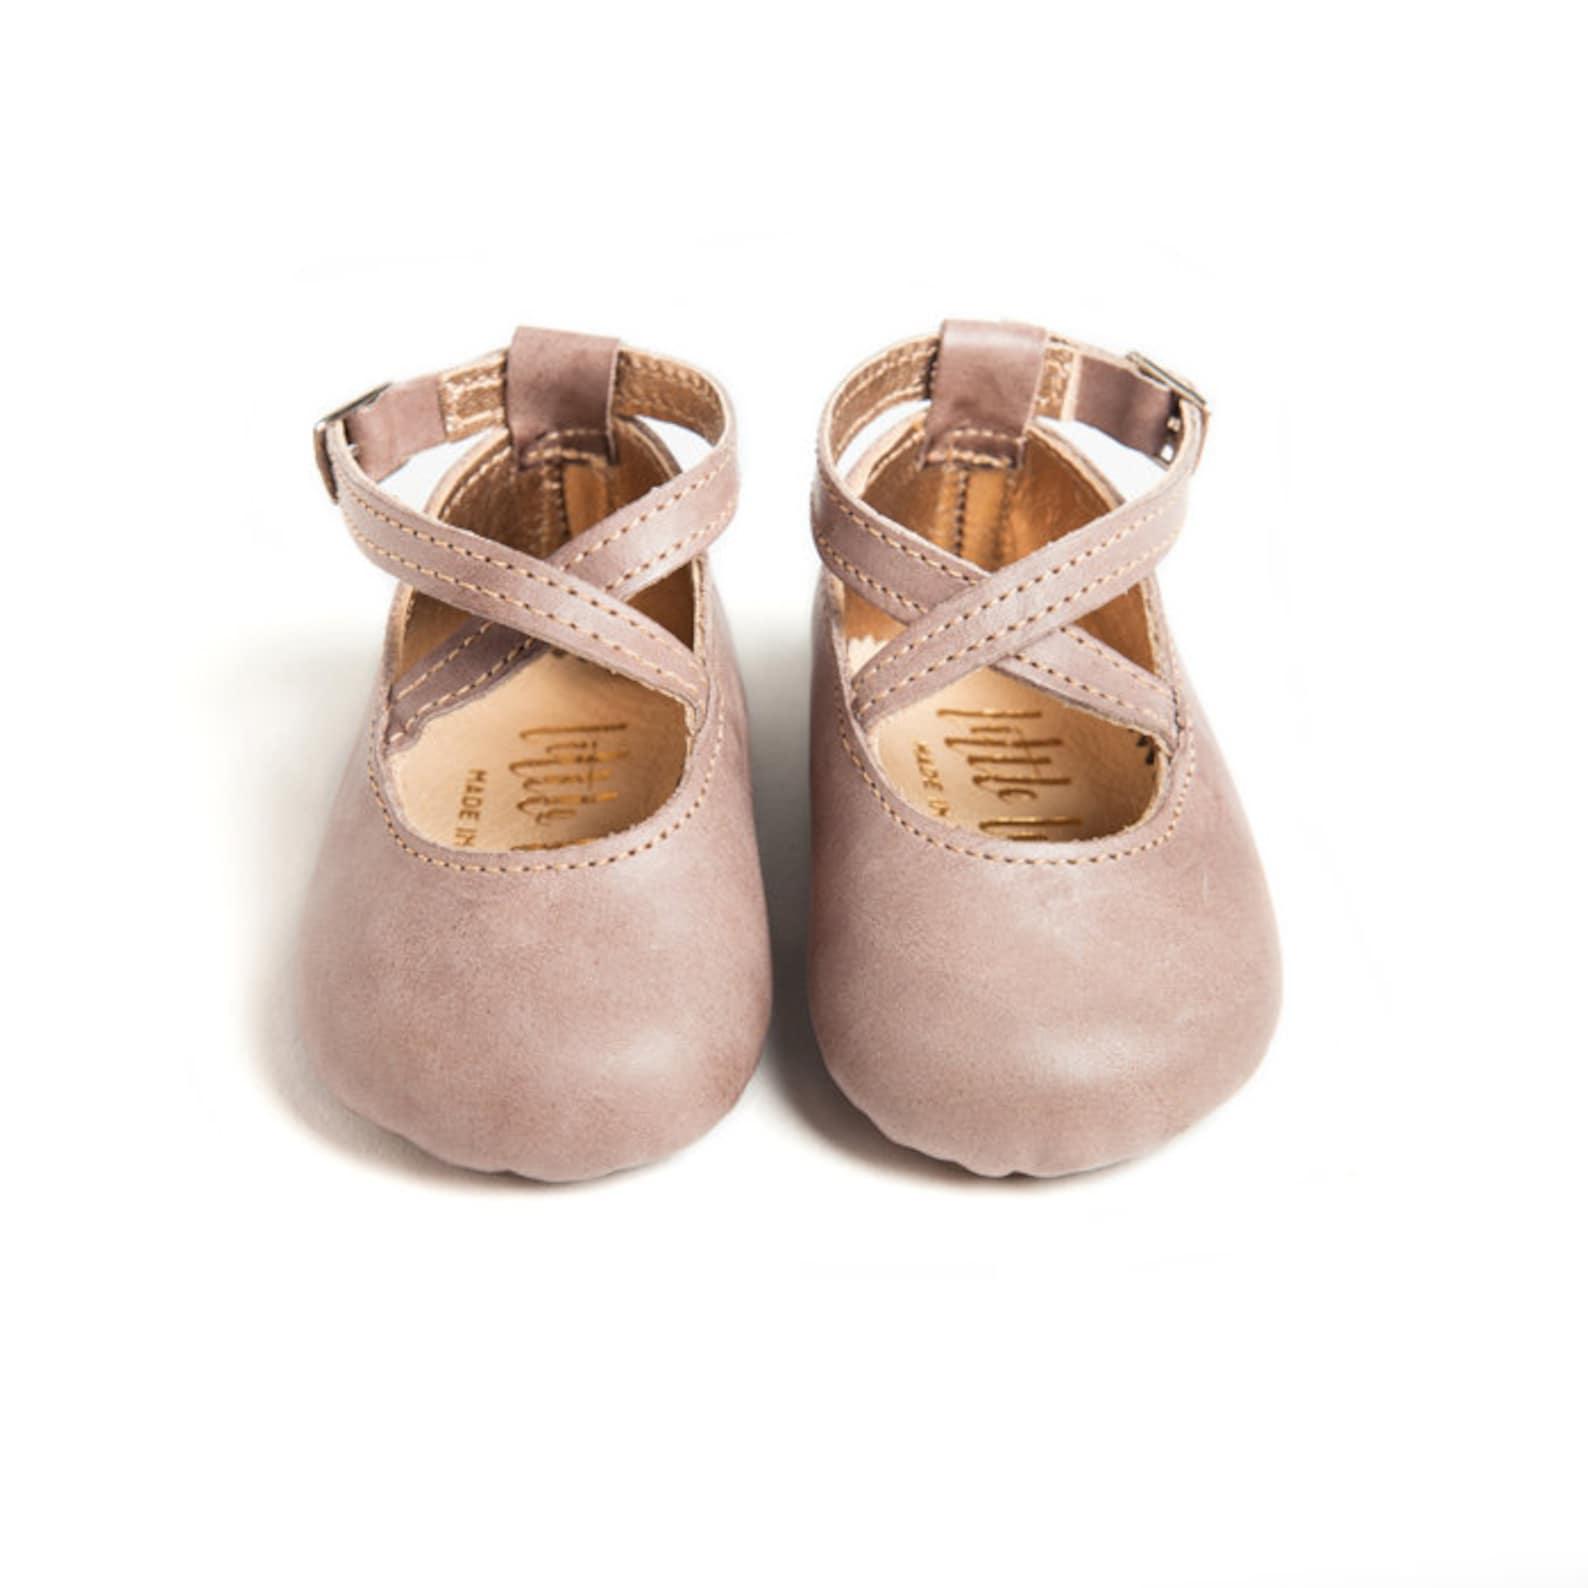 sia soft sole ballet pumps for babies